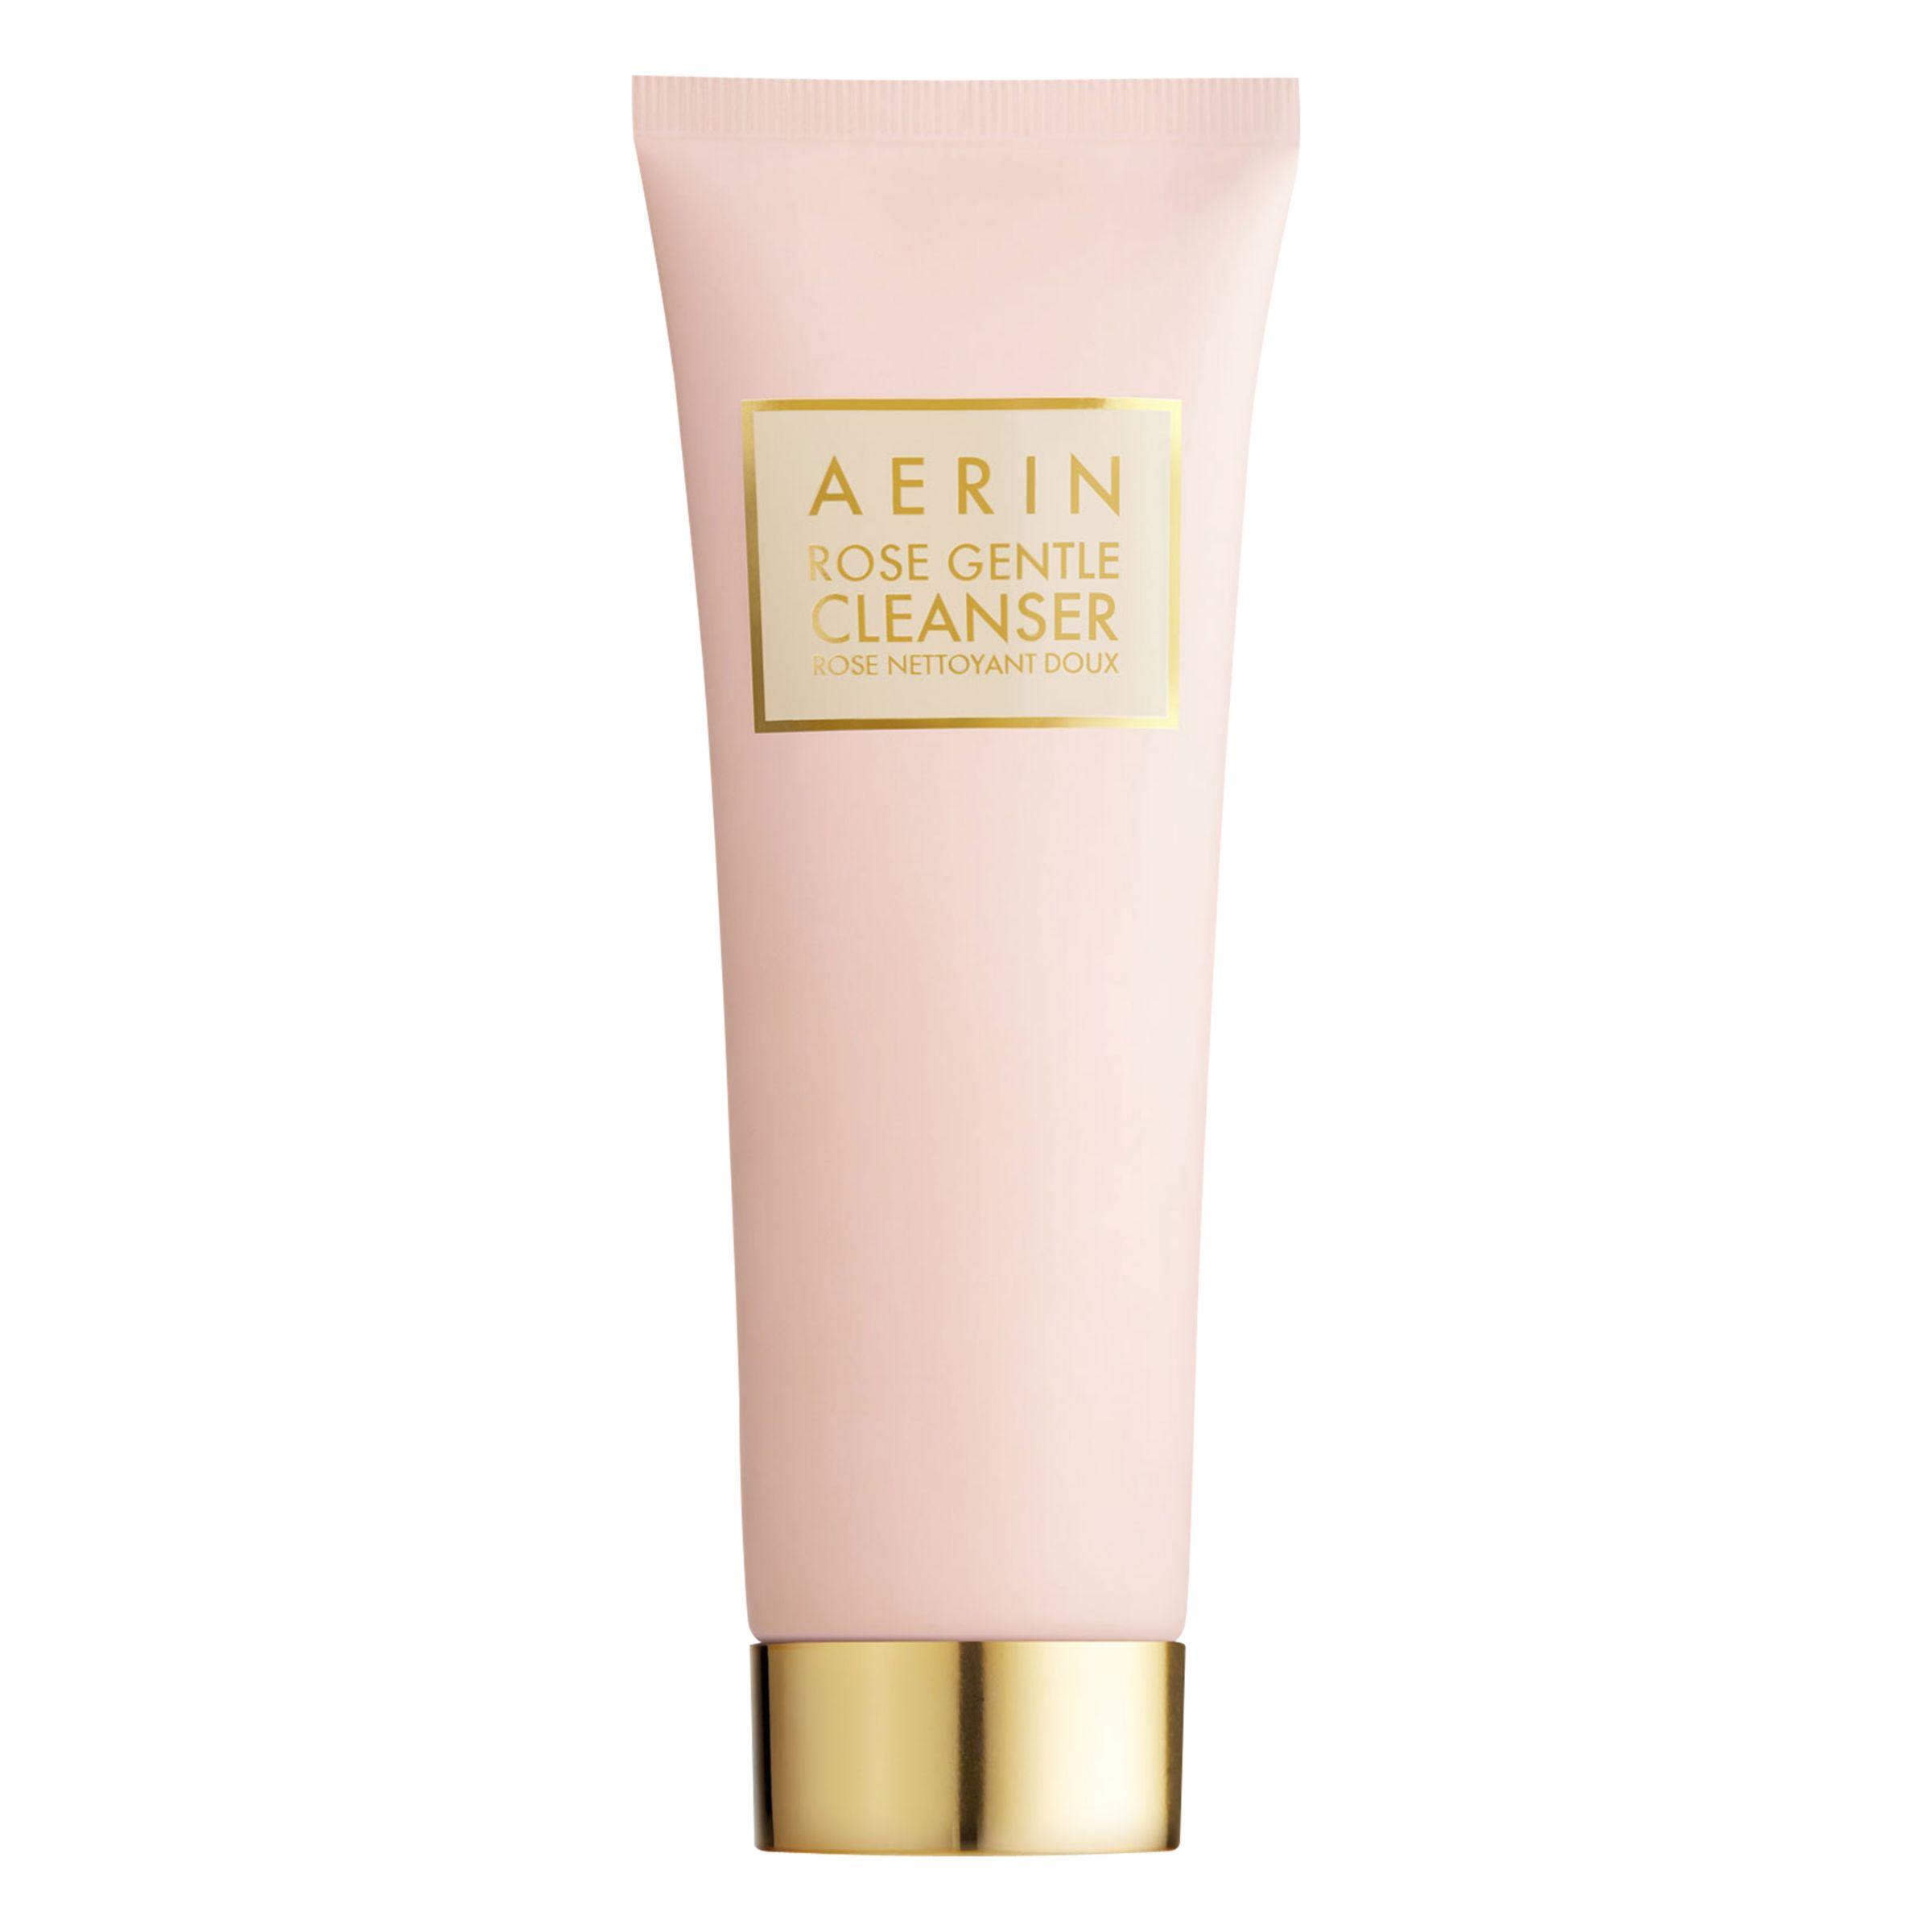 AERIN AERIN Rose Gentle Cleanser, 125ml